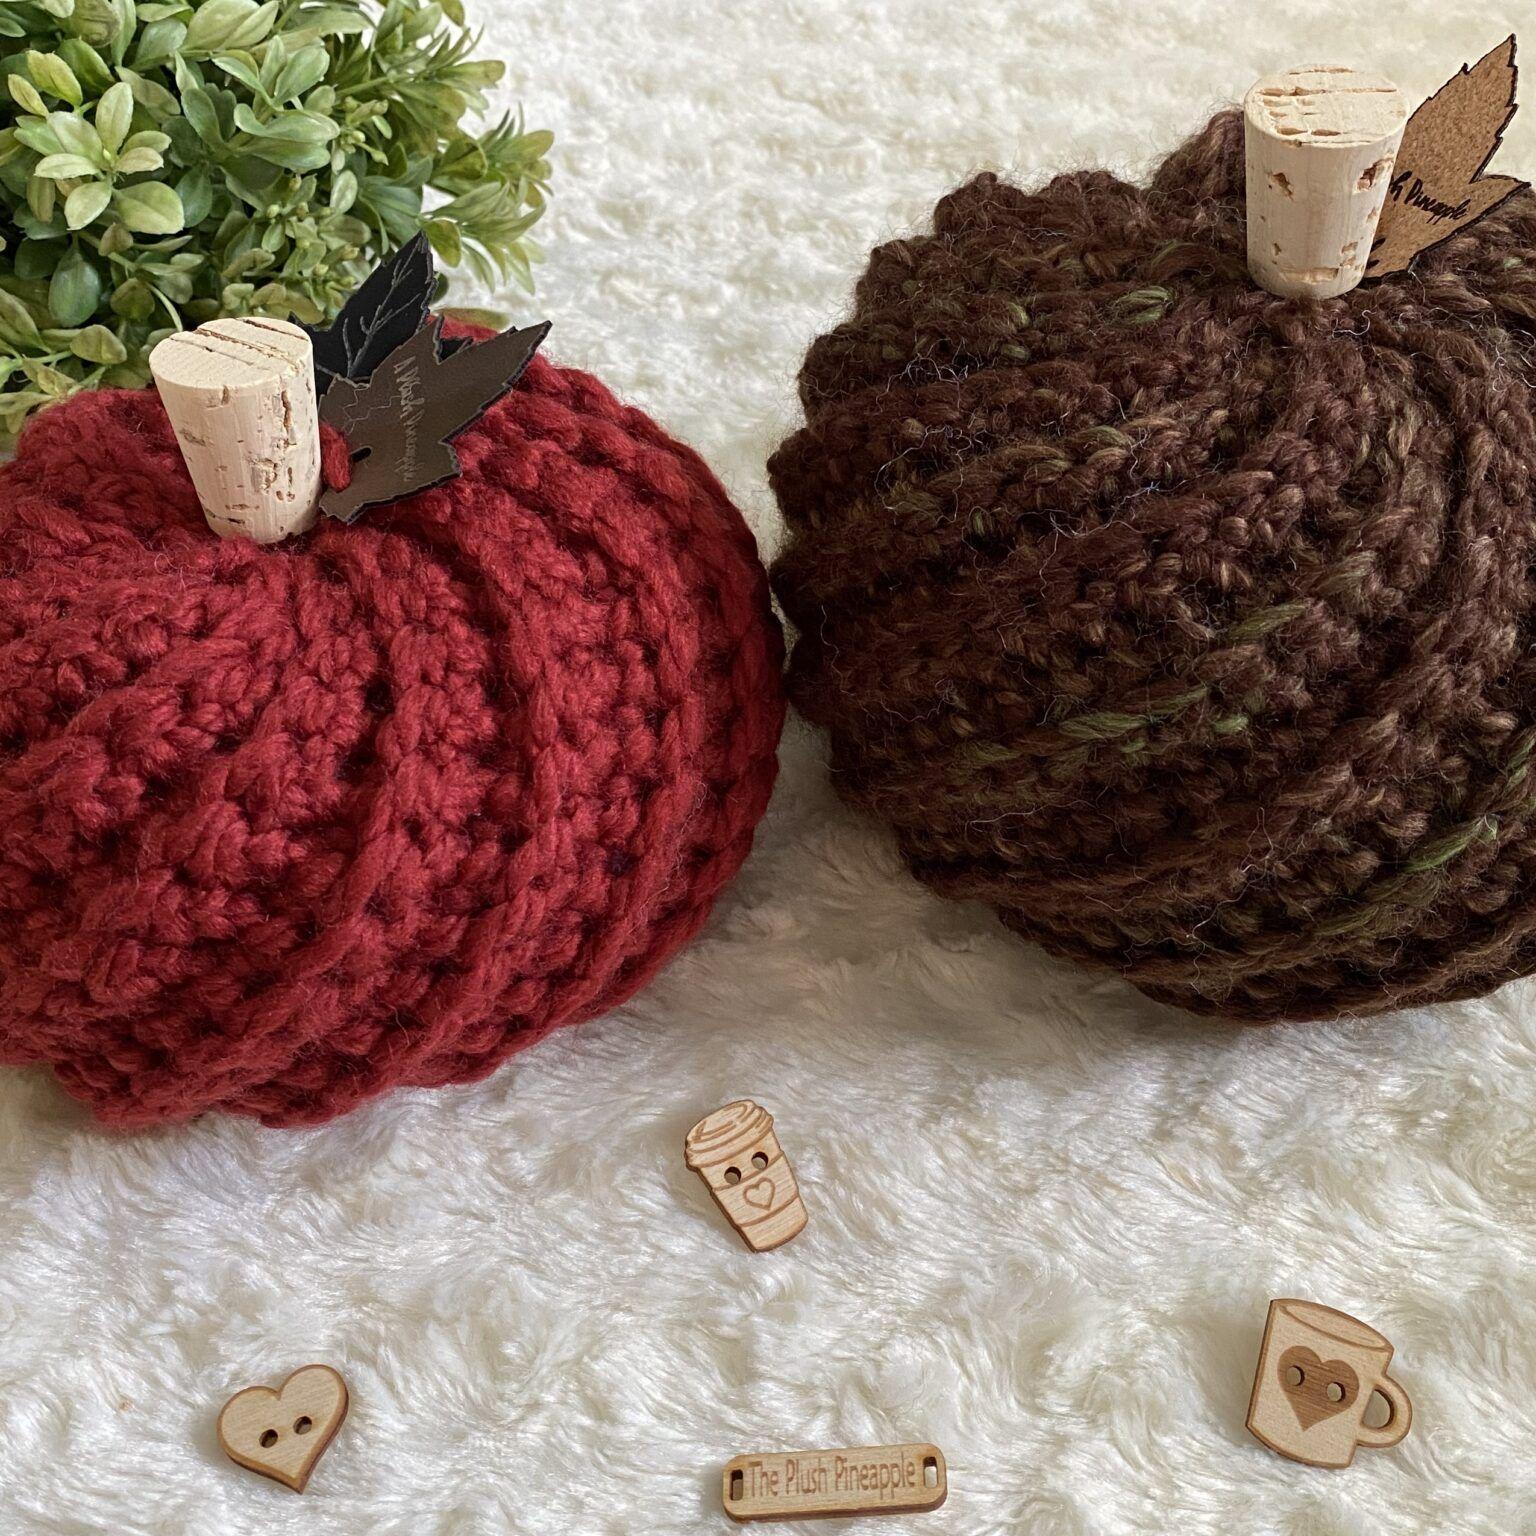 How To Crochet A Pumpkin Free Pattern A Plush Pineapple In 2020 Crochet Fall Halloween Crochet Crochet